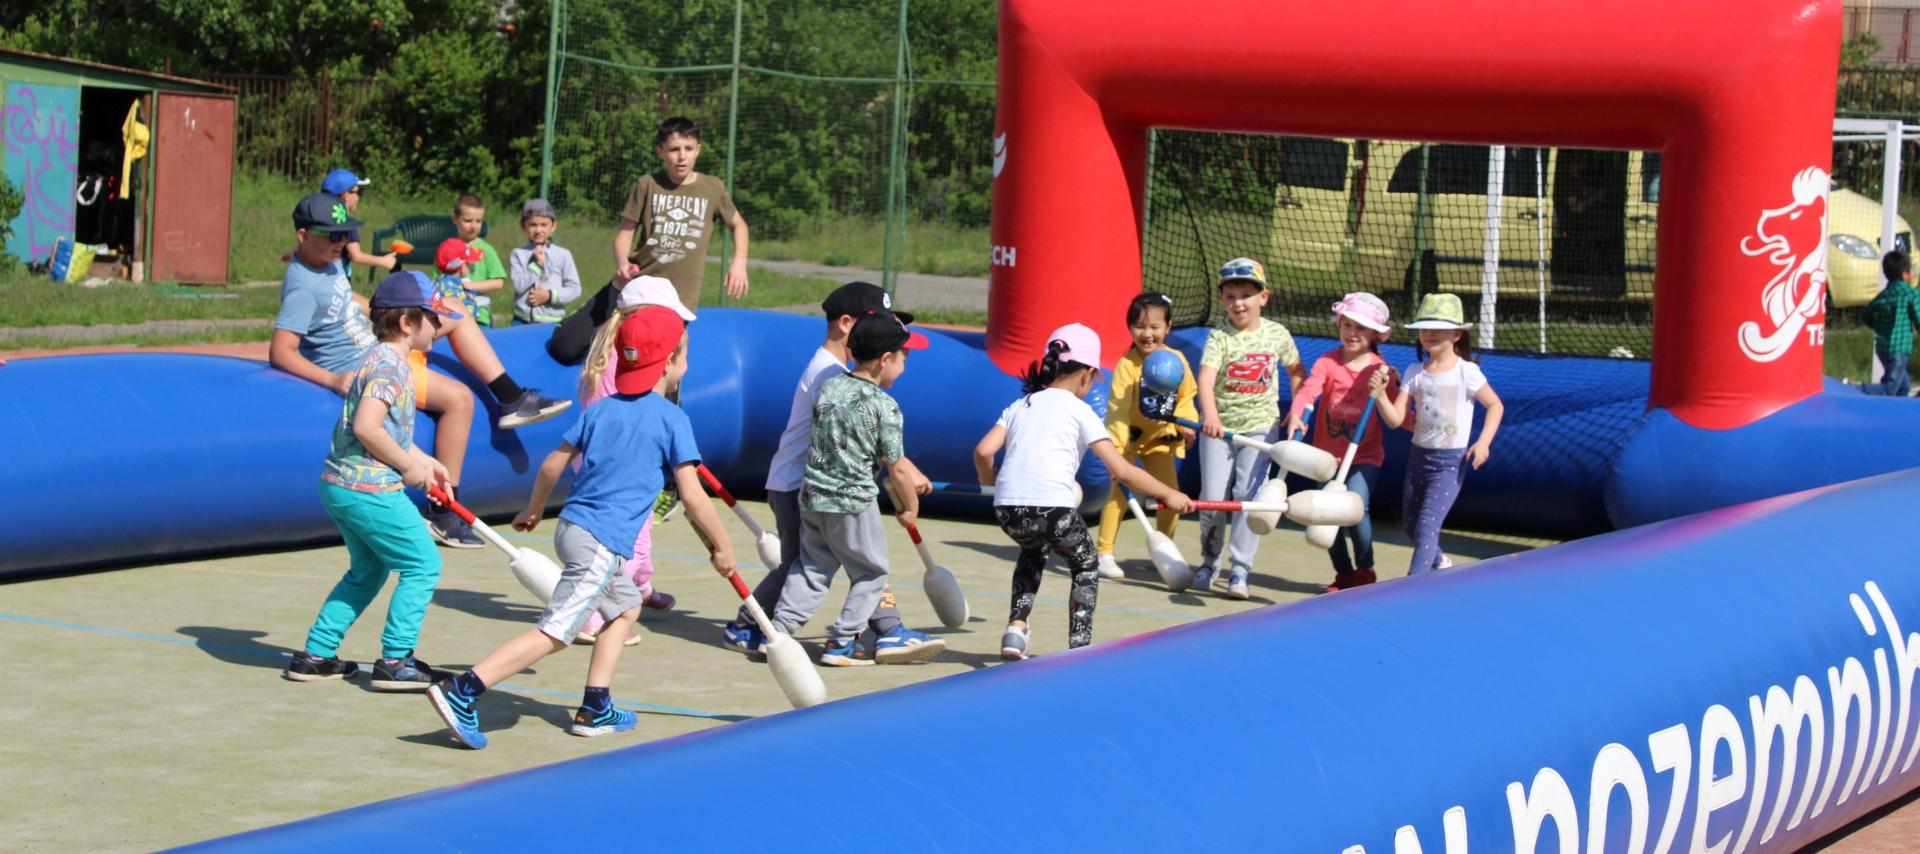 Den dětí s pozemním hokejem v Praze 12